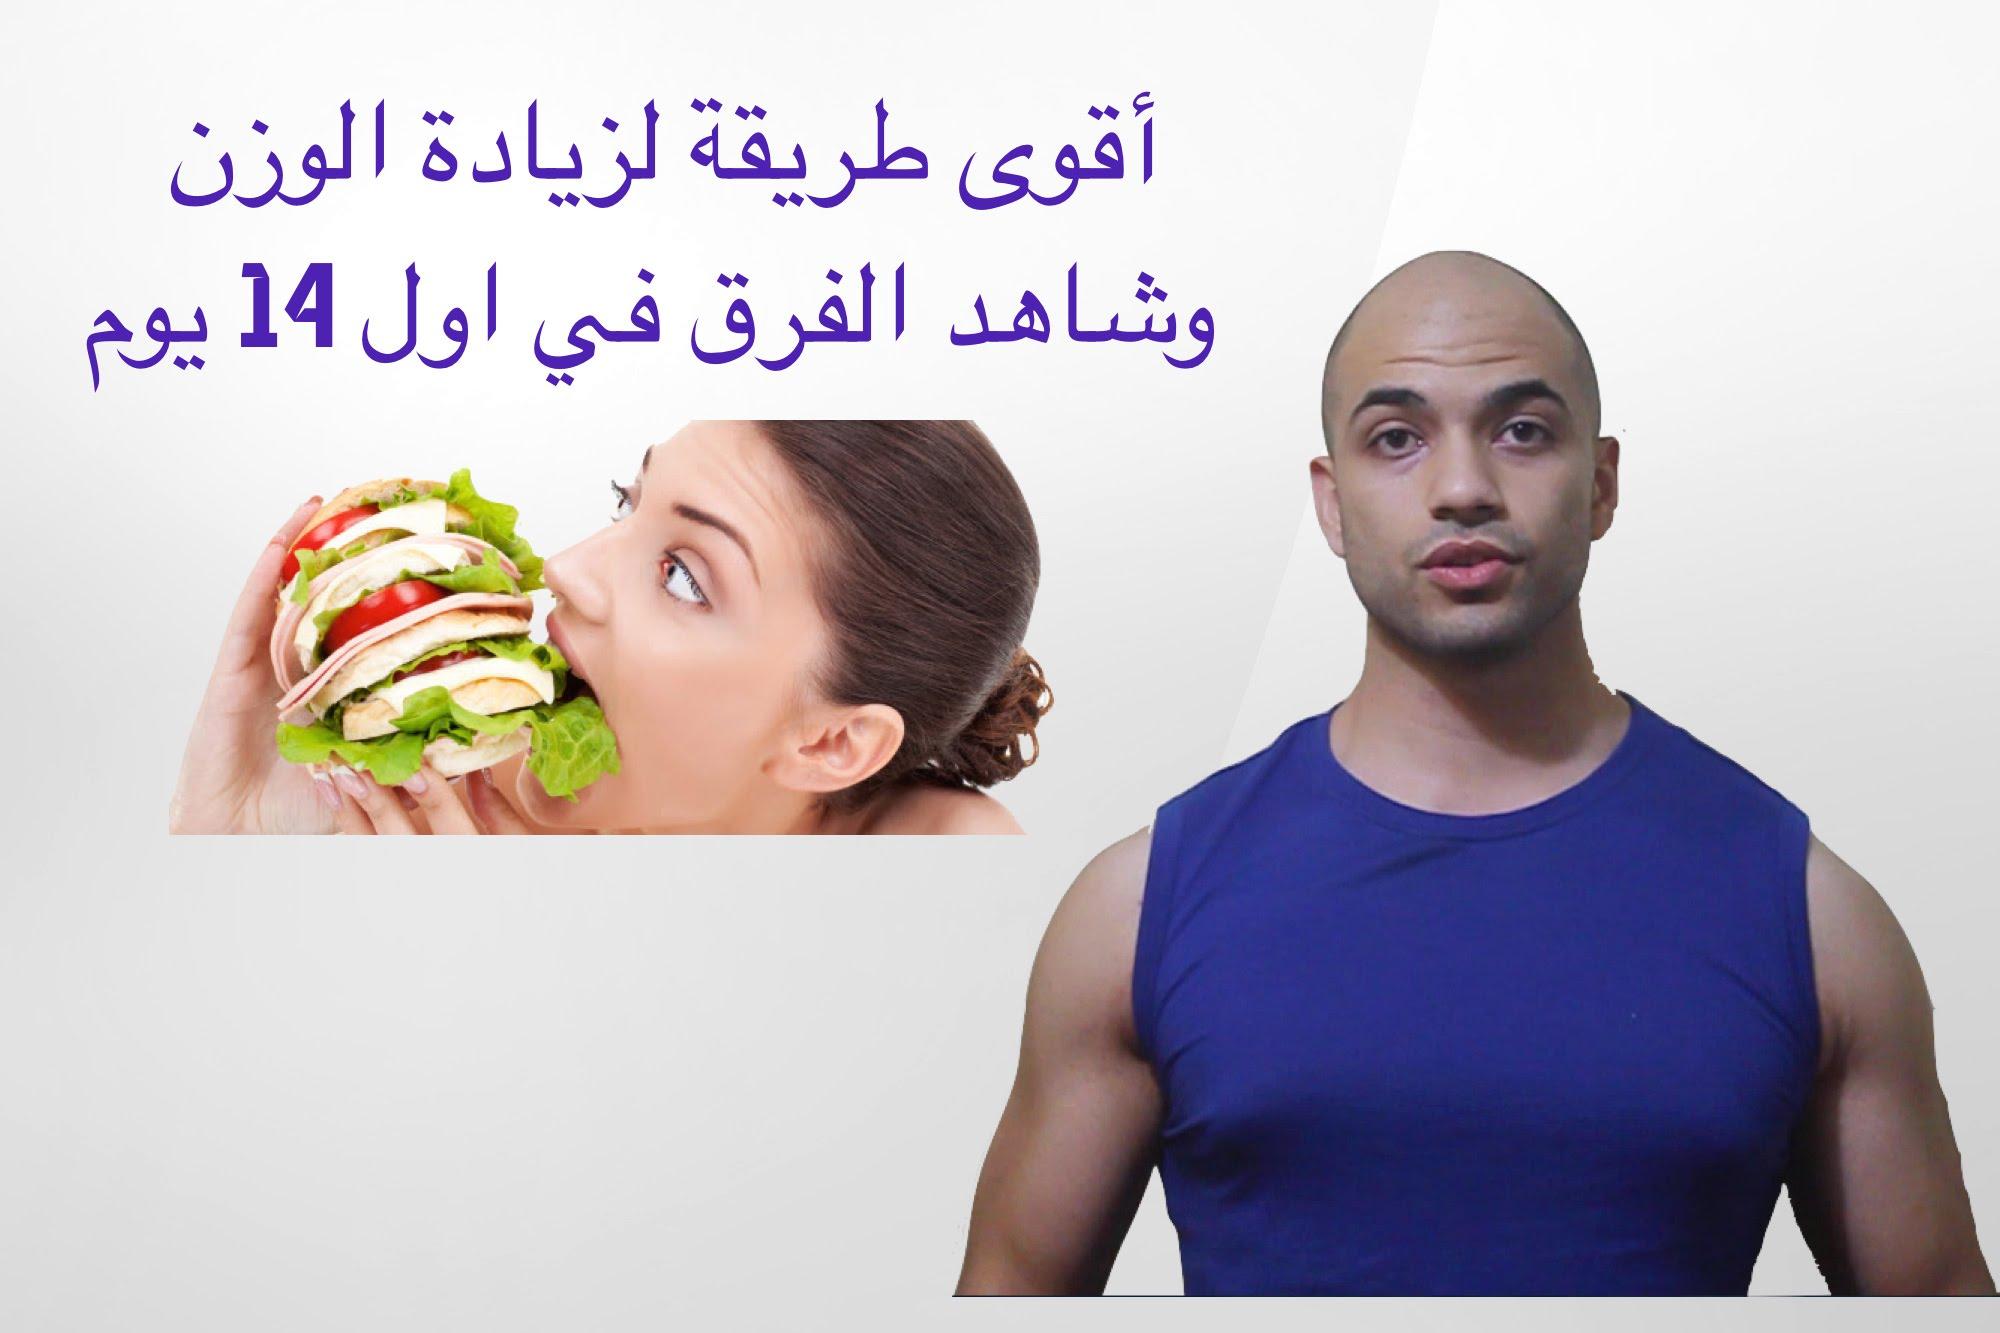 صورة طرق سريعة لزيادة الوزن , كيف زيادة الجسم بسرعة